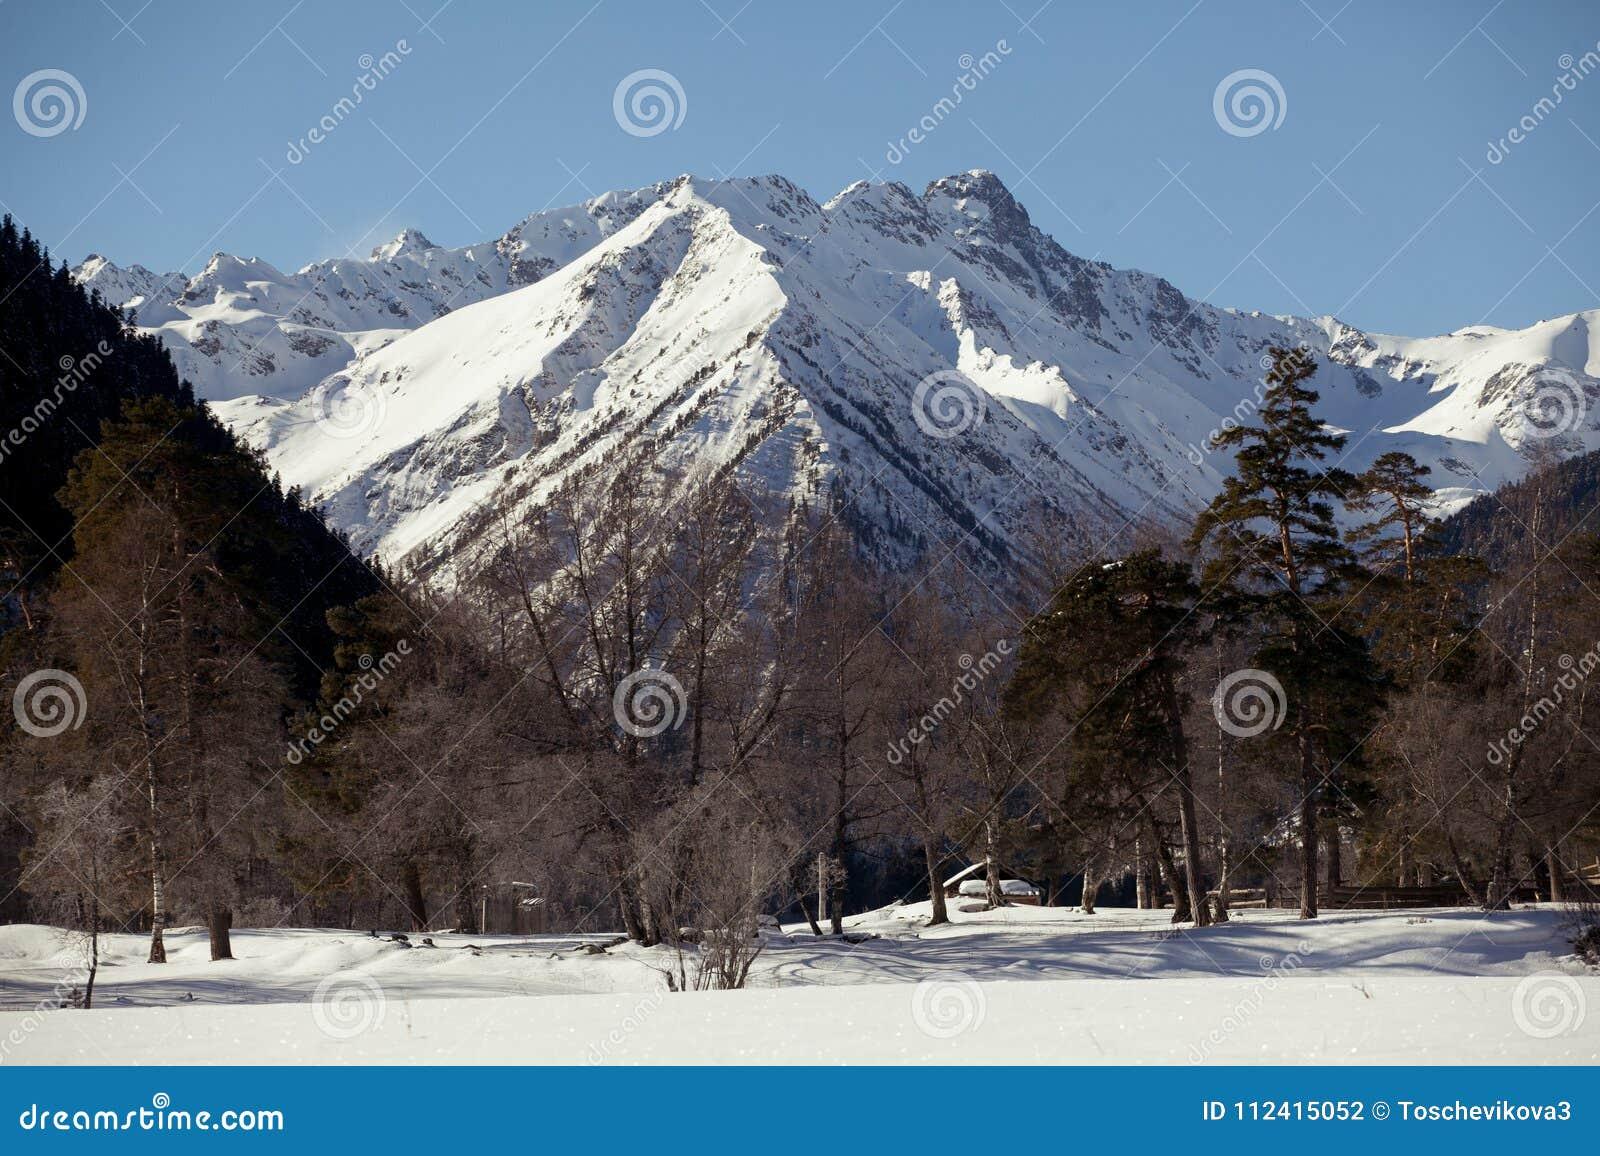 Vista panorámica hermosa de la cordillera con los picos coronados de nieve, en un día de invierno claro